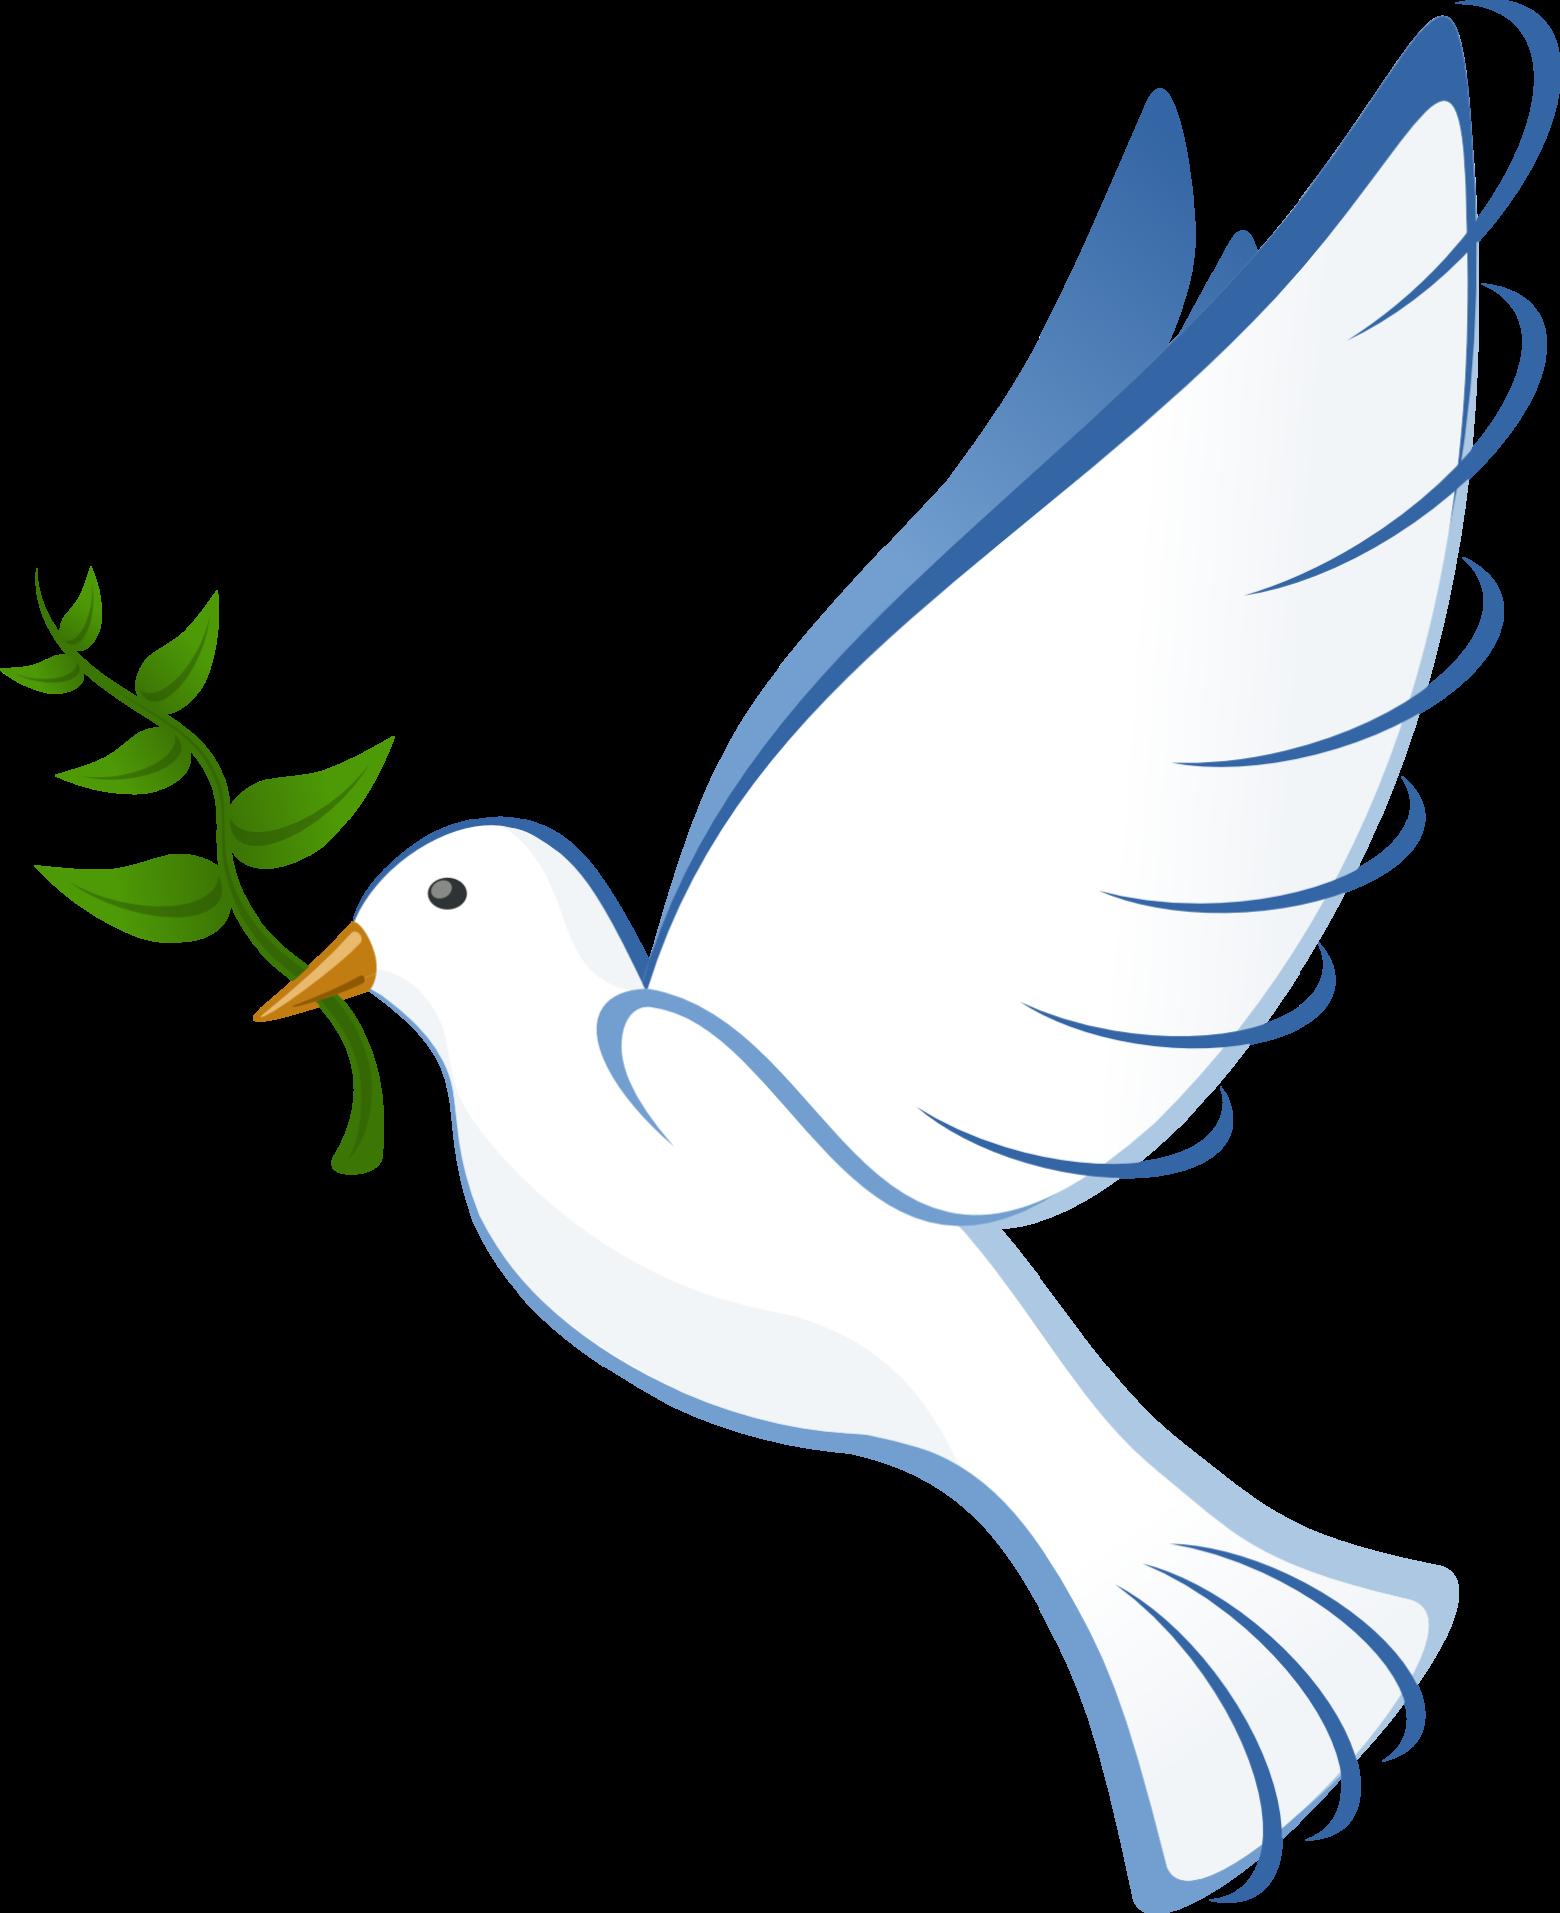 Fabuleux message de paix la colombe blanche images gratuites | images  BY69